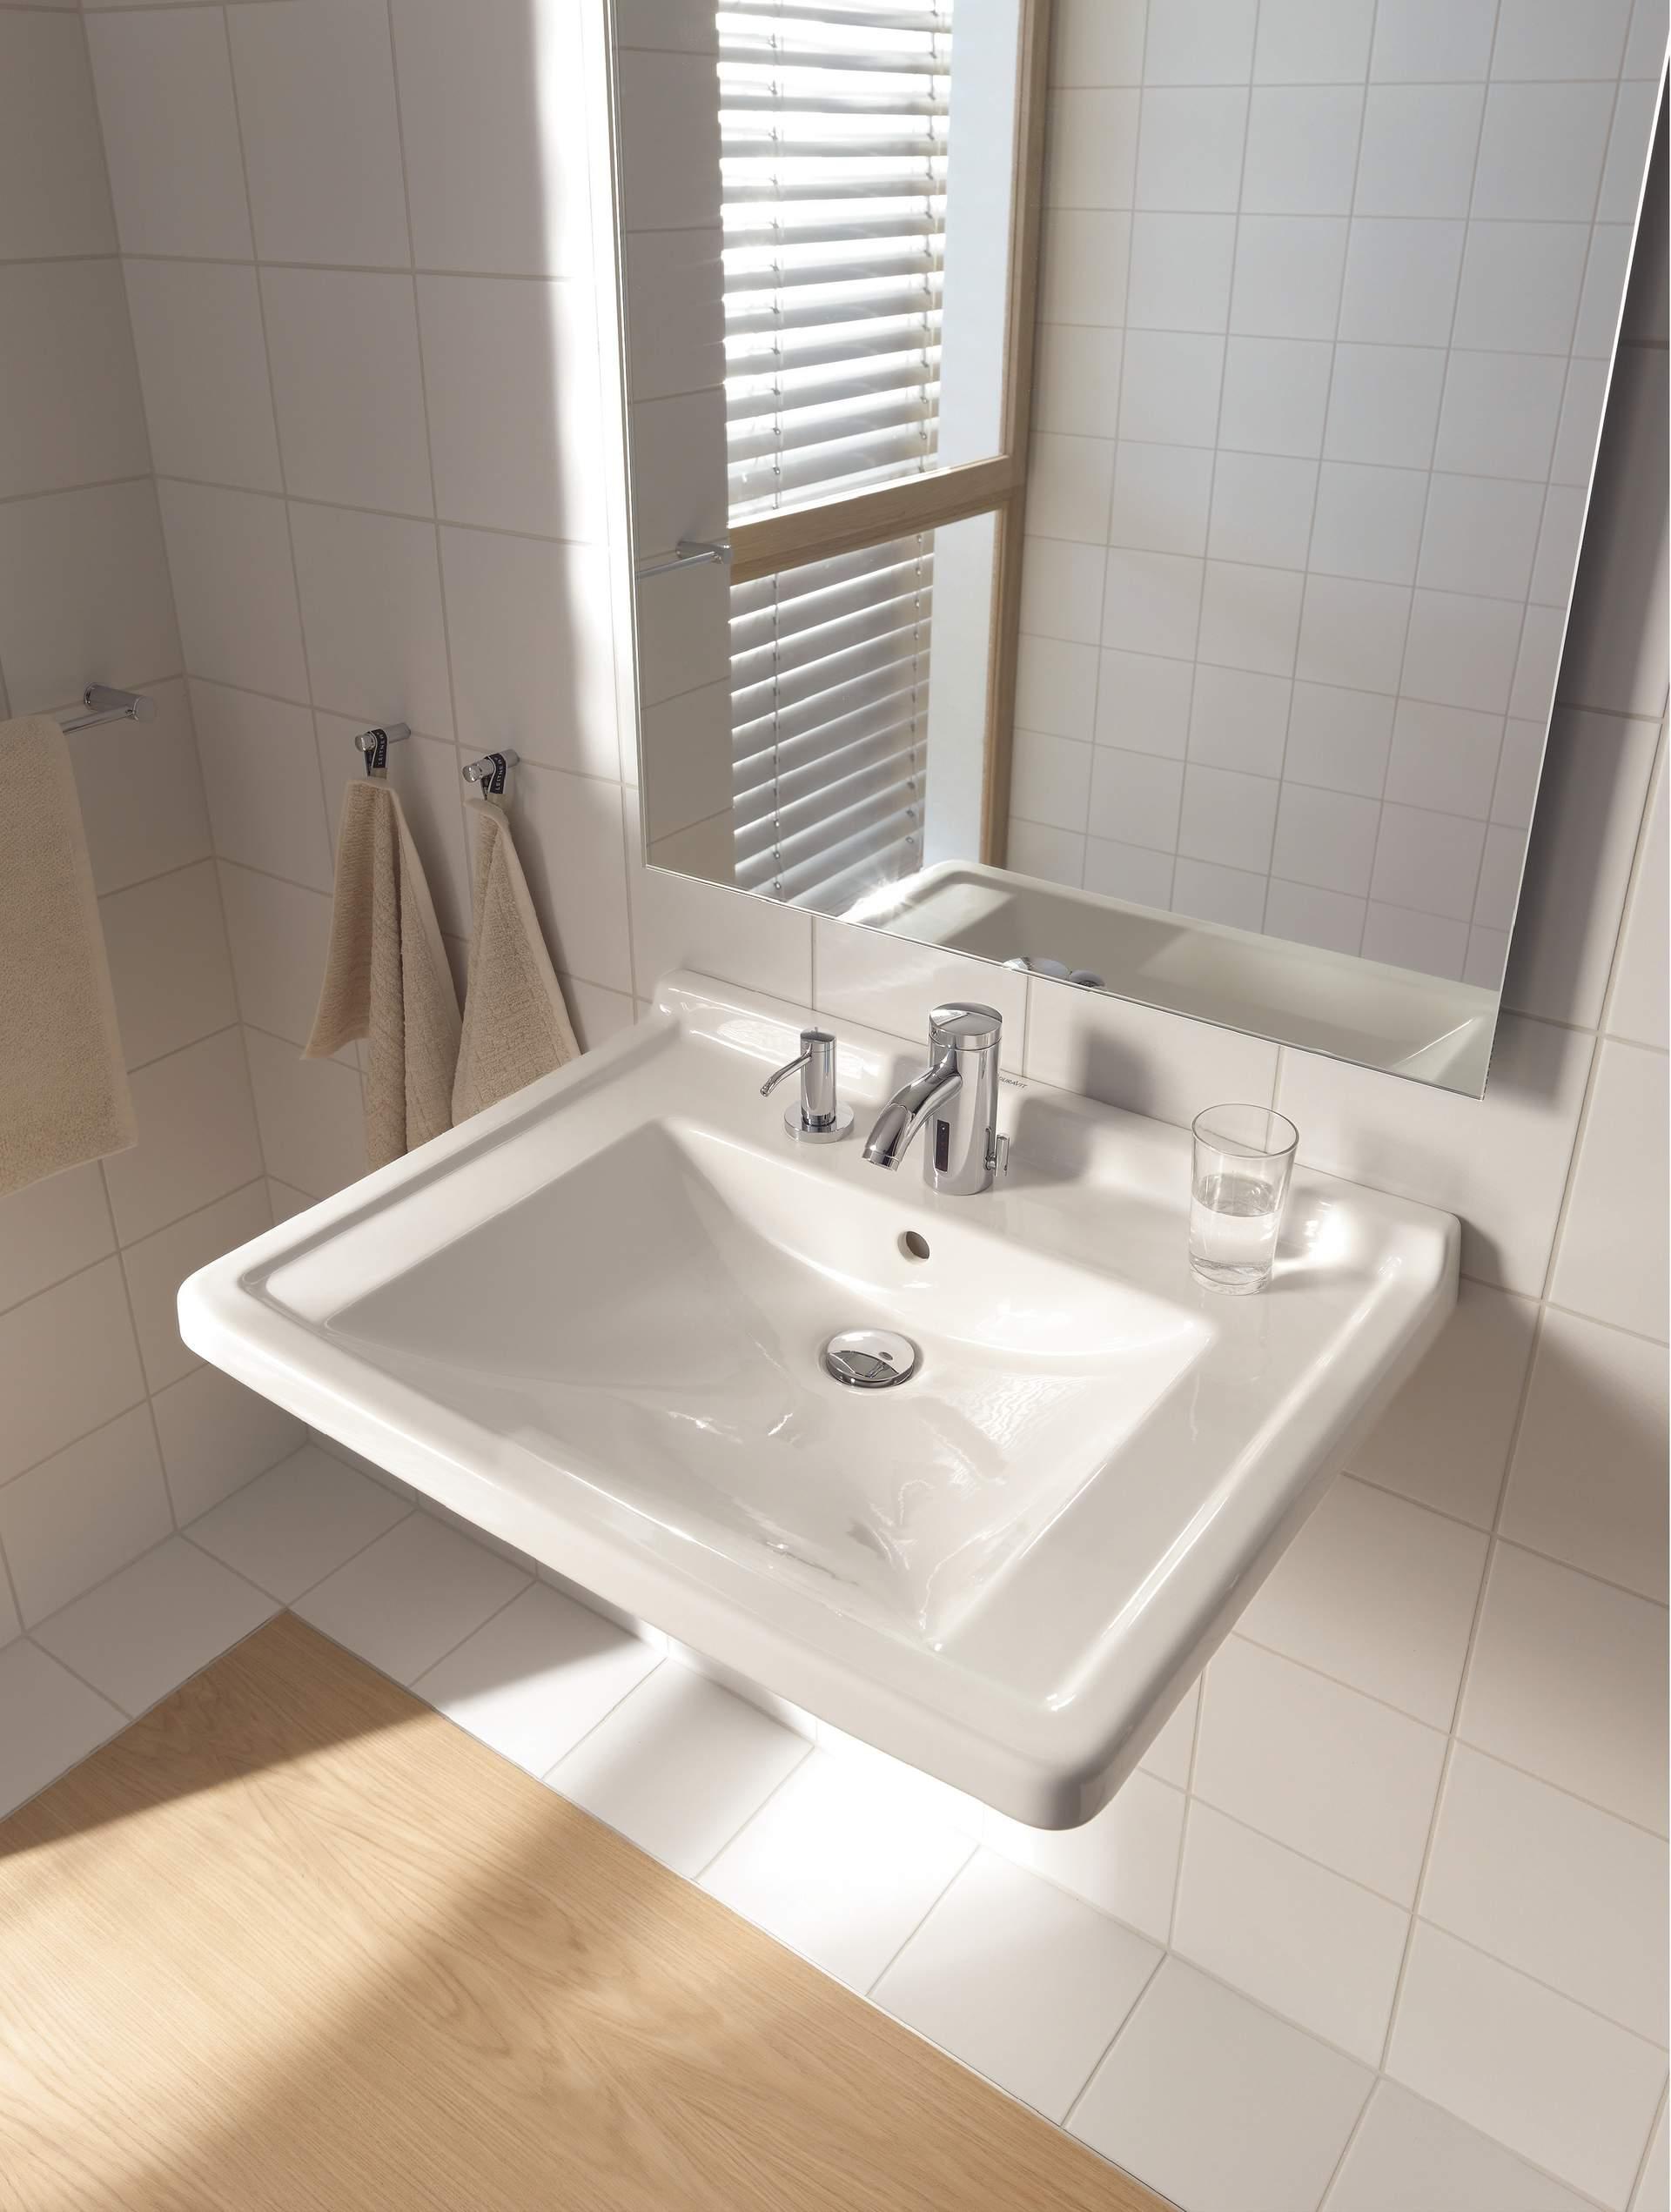 starck 3 lavabo vital 030970 duravit. Black Bedroom Furniture Sets. Home Design Ideas